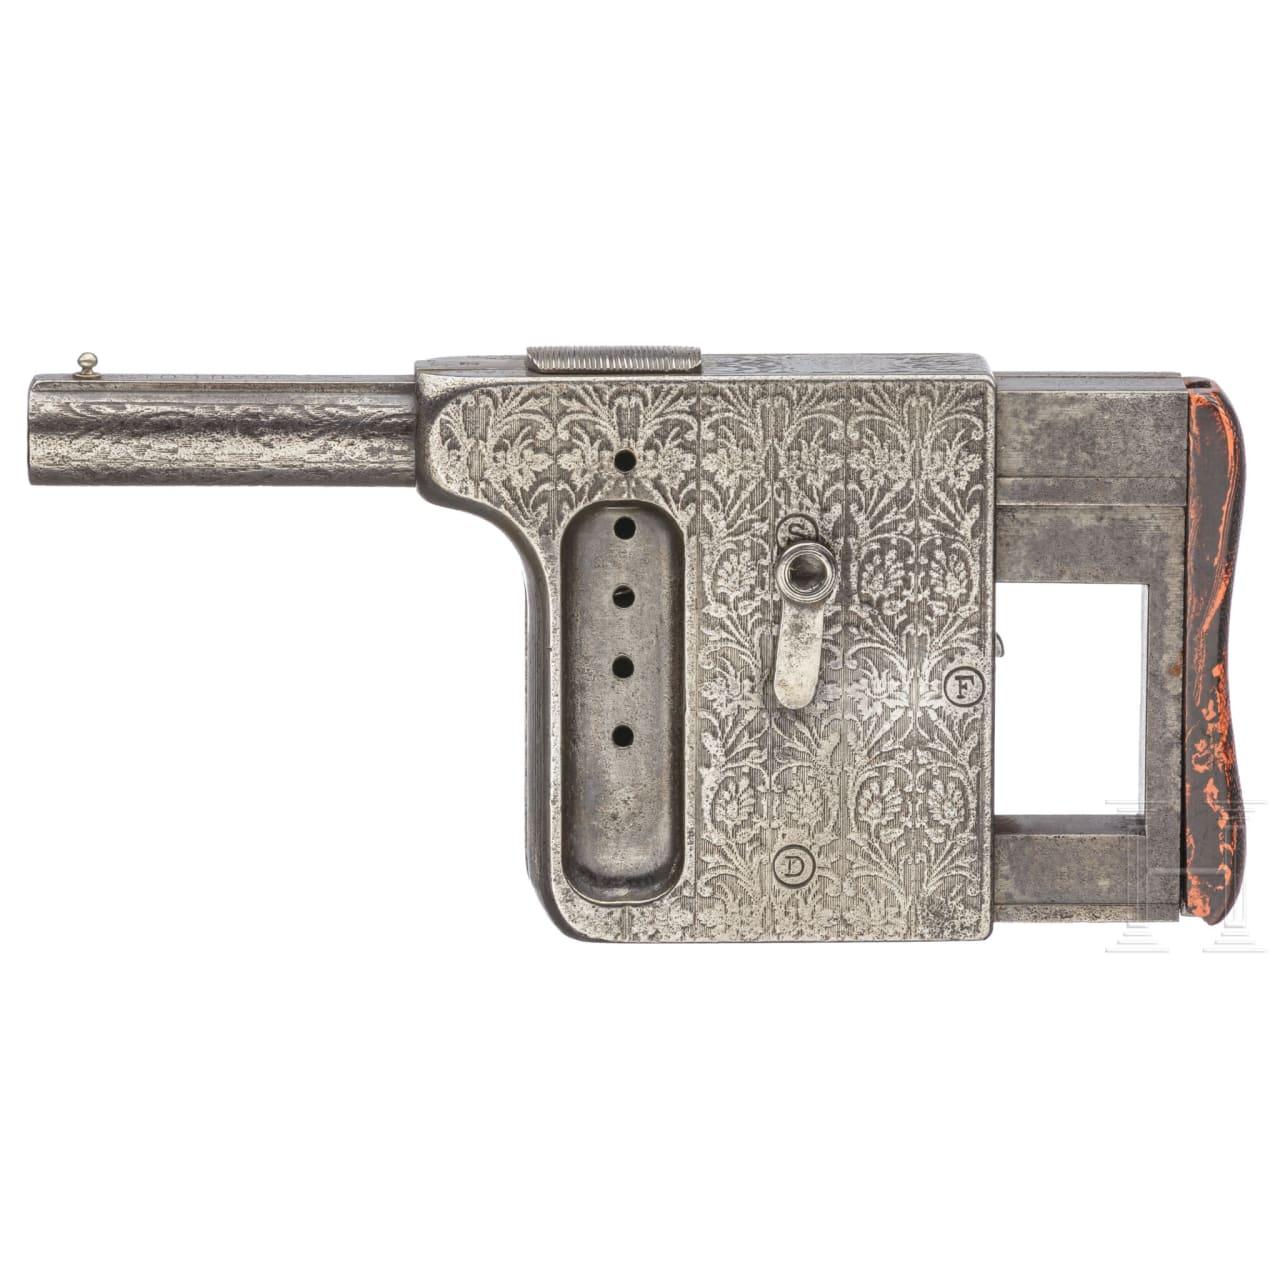 Gaulois-Handdruckpistole No. 3, St. Etienne